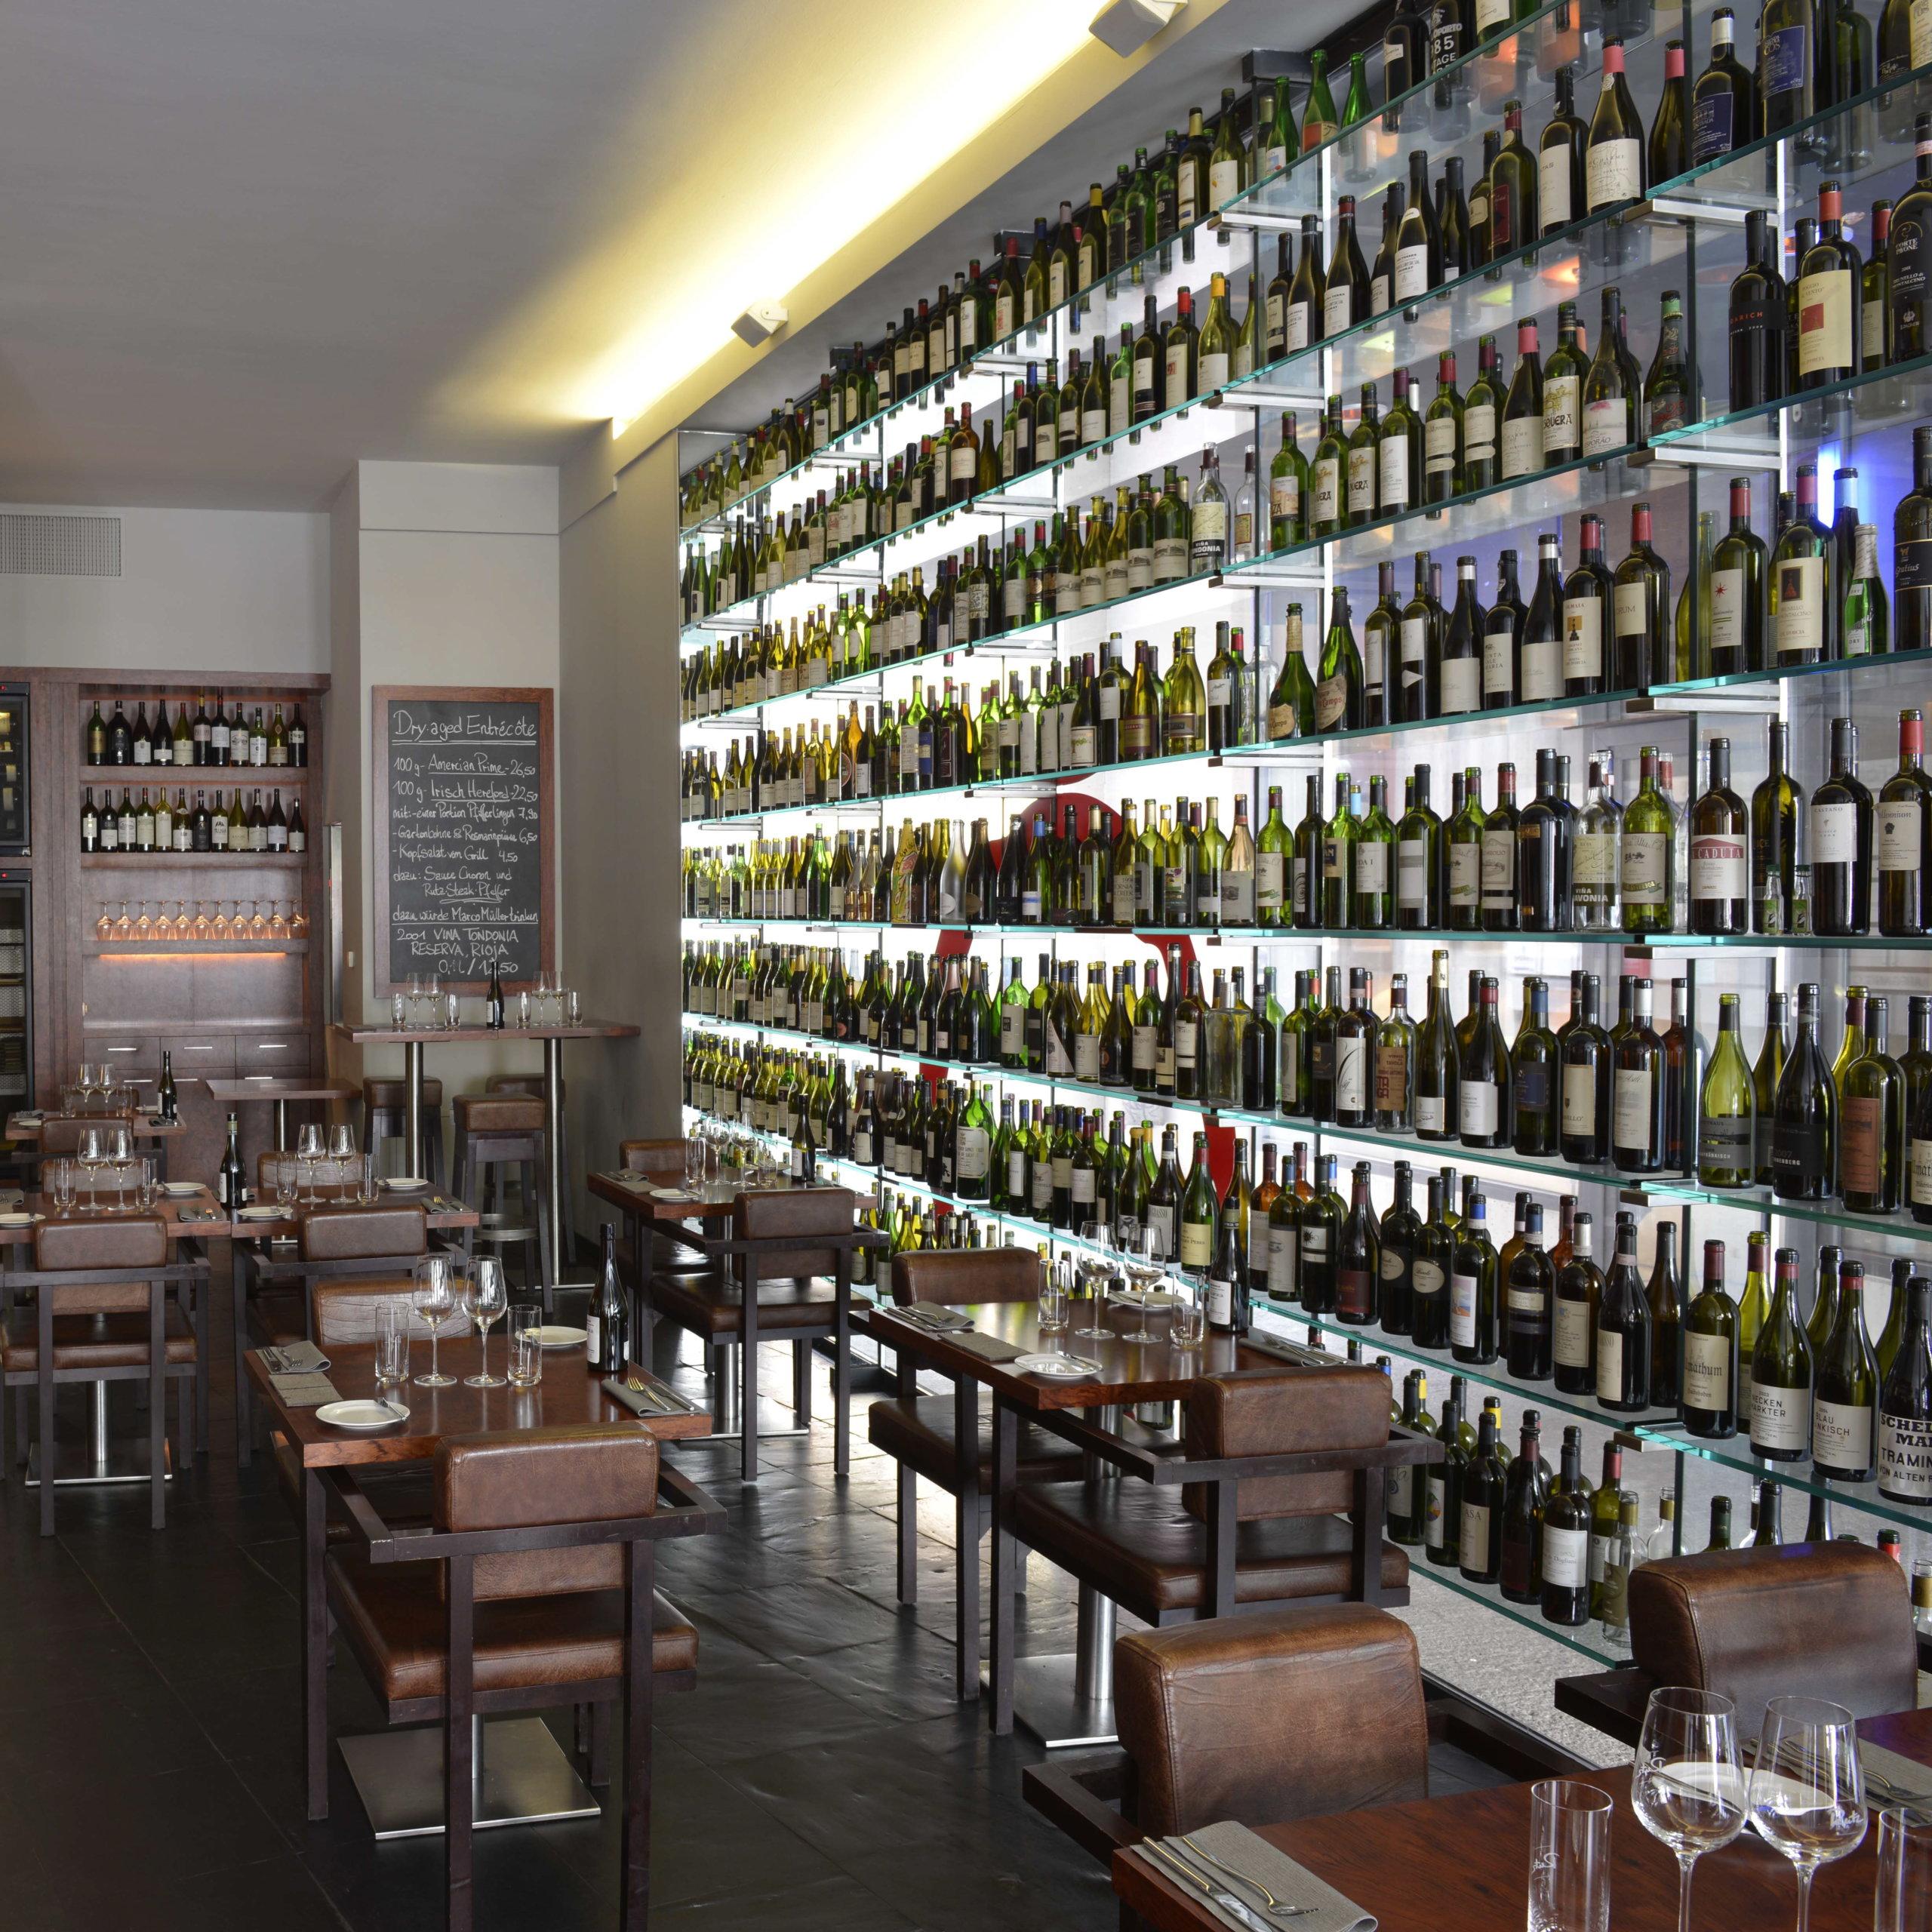 Restaurant-Weibar-Rutz-Berlin-Interieur